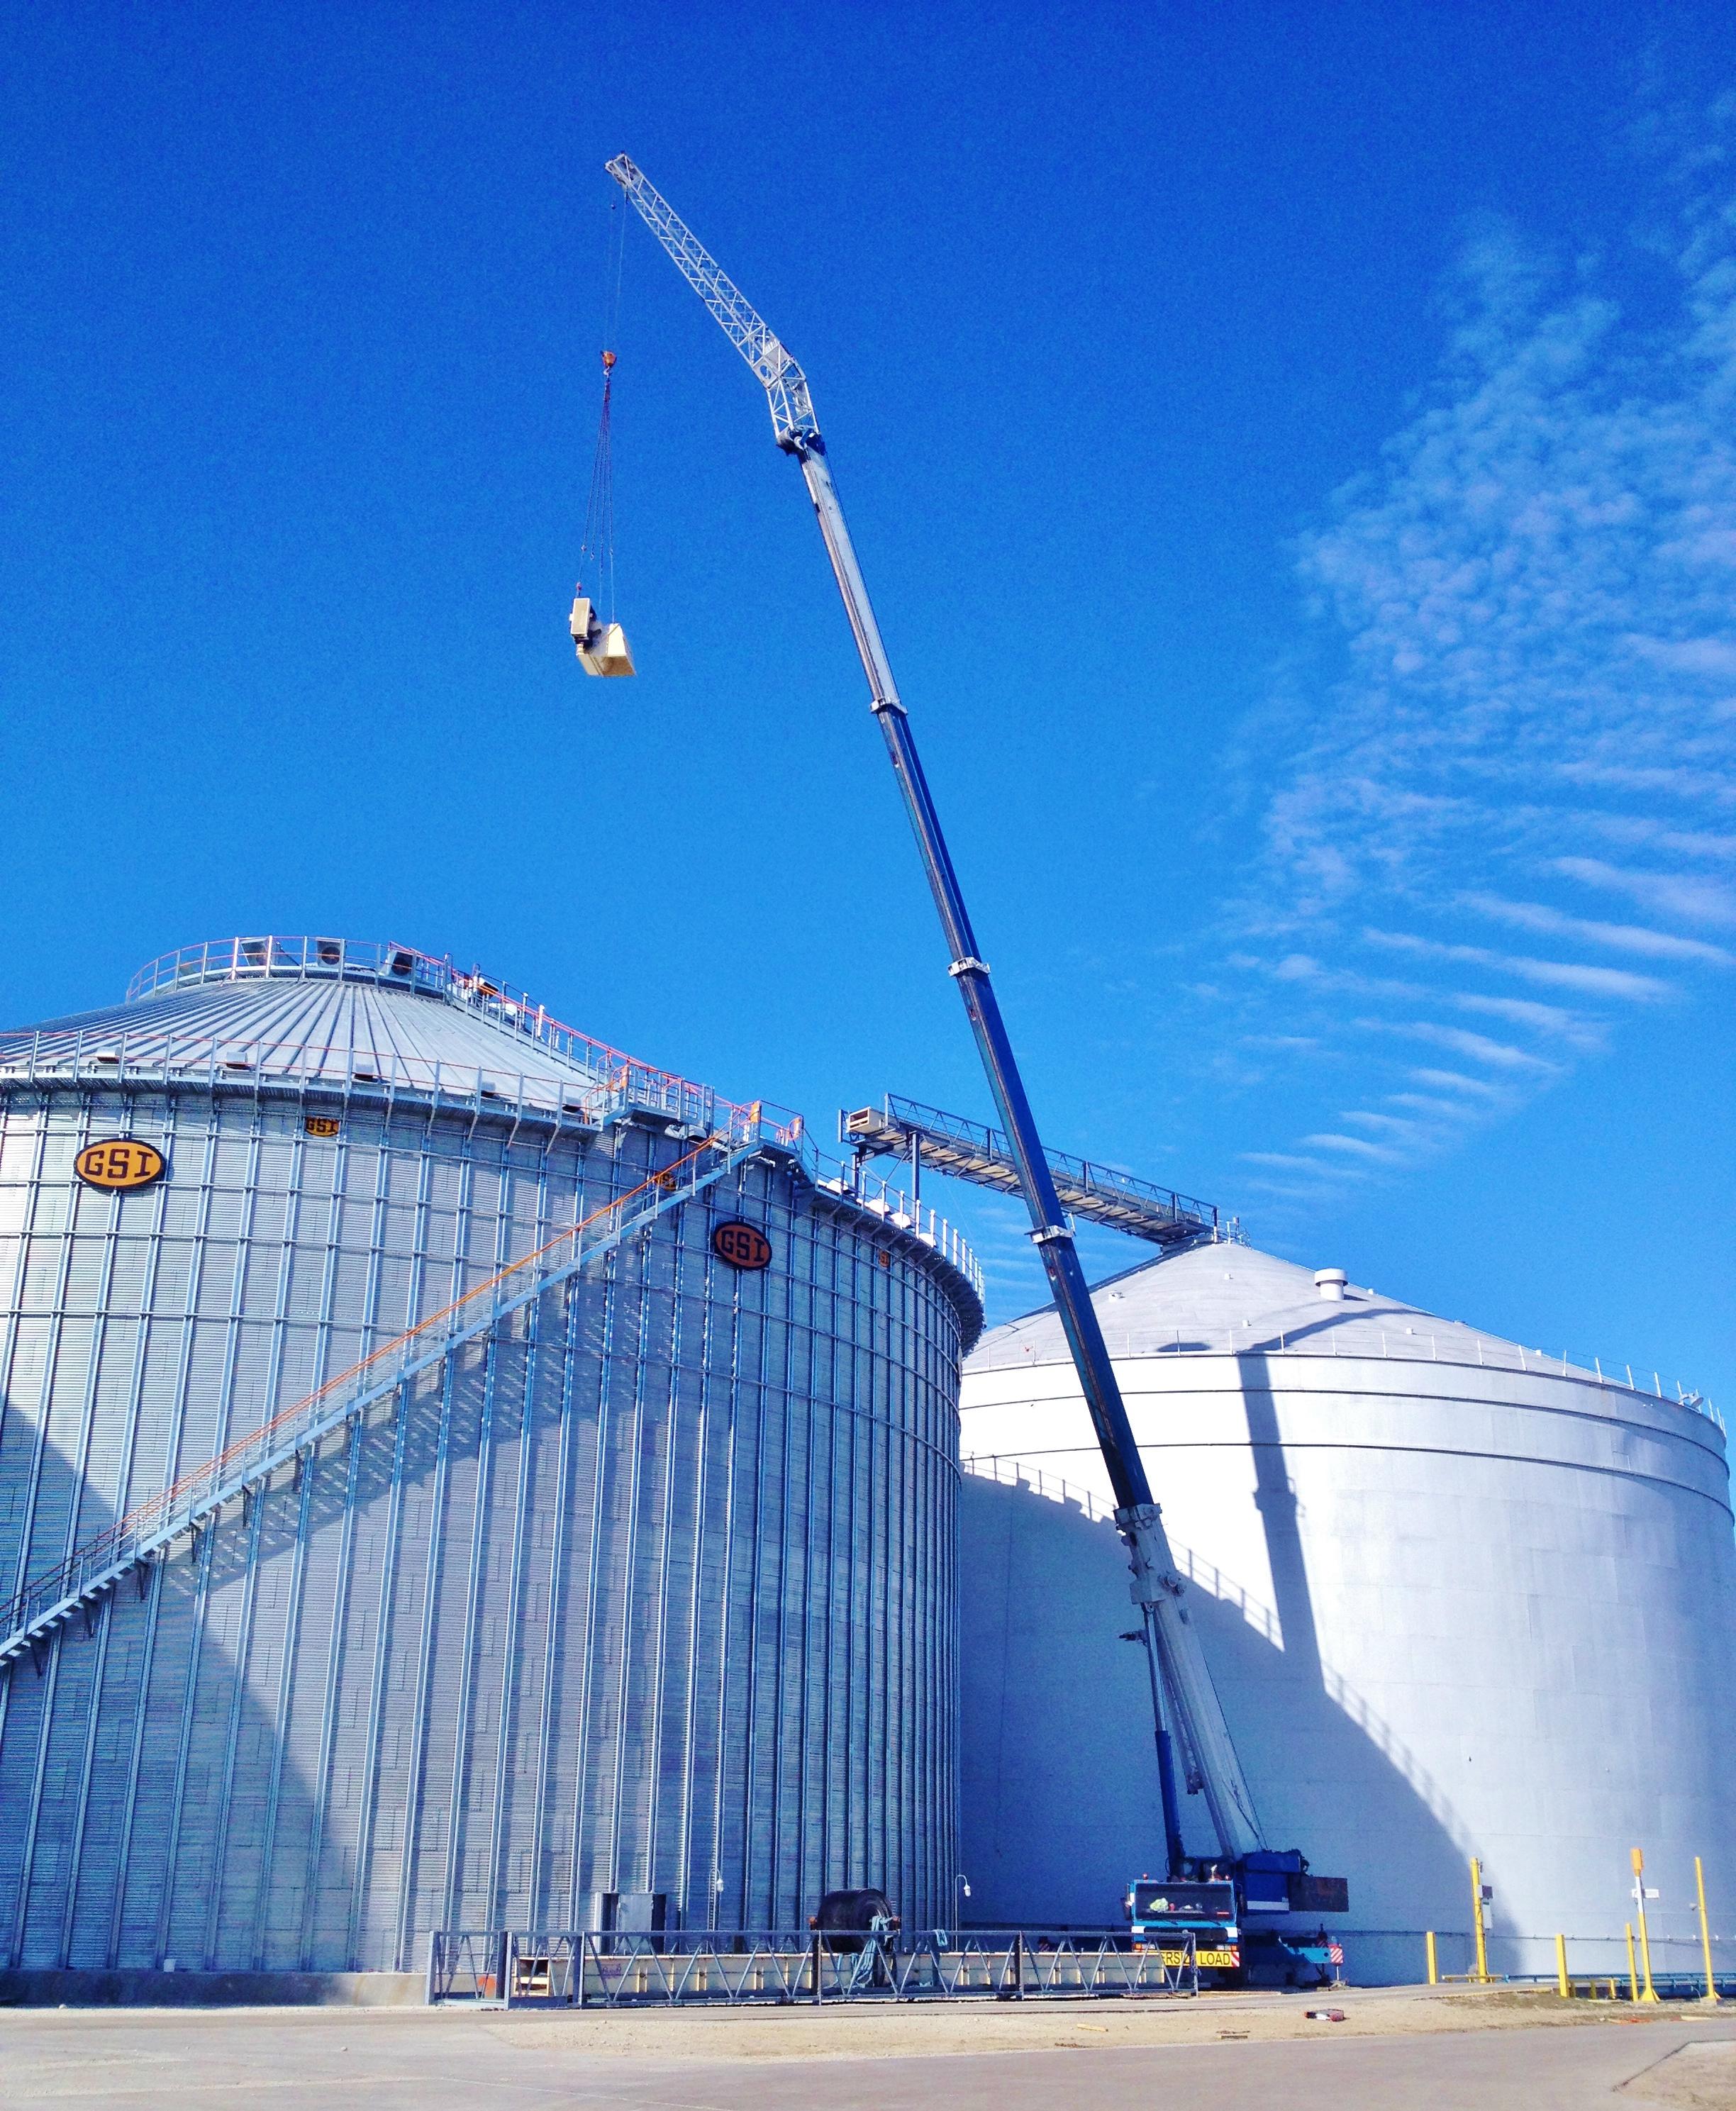 175 ton hydraulic crane at a grain bin